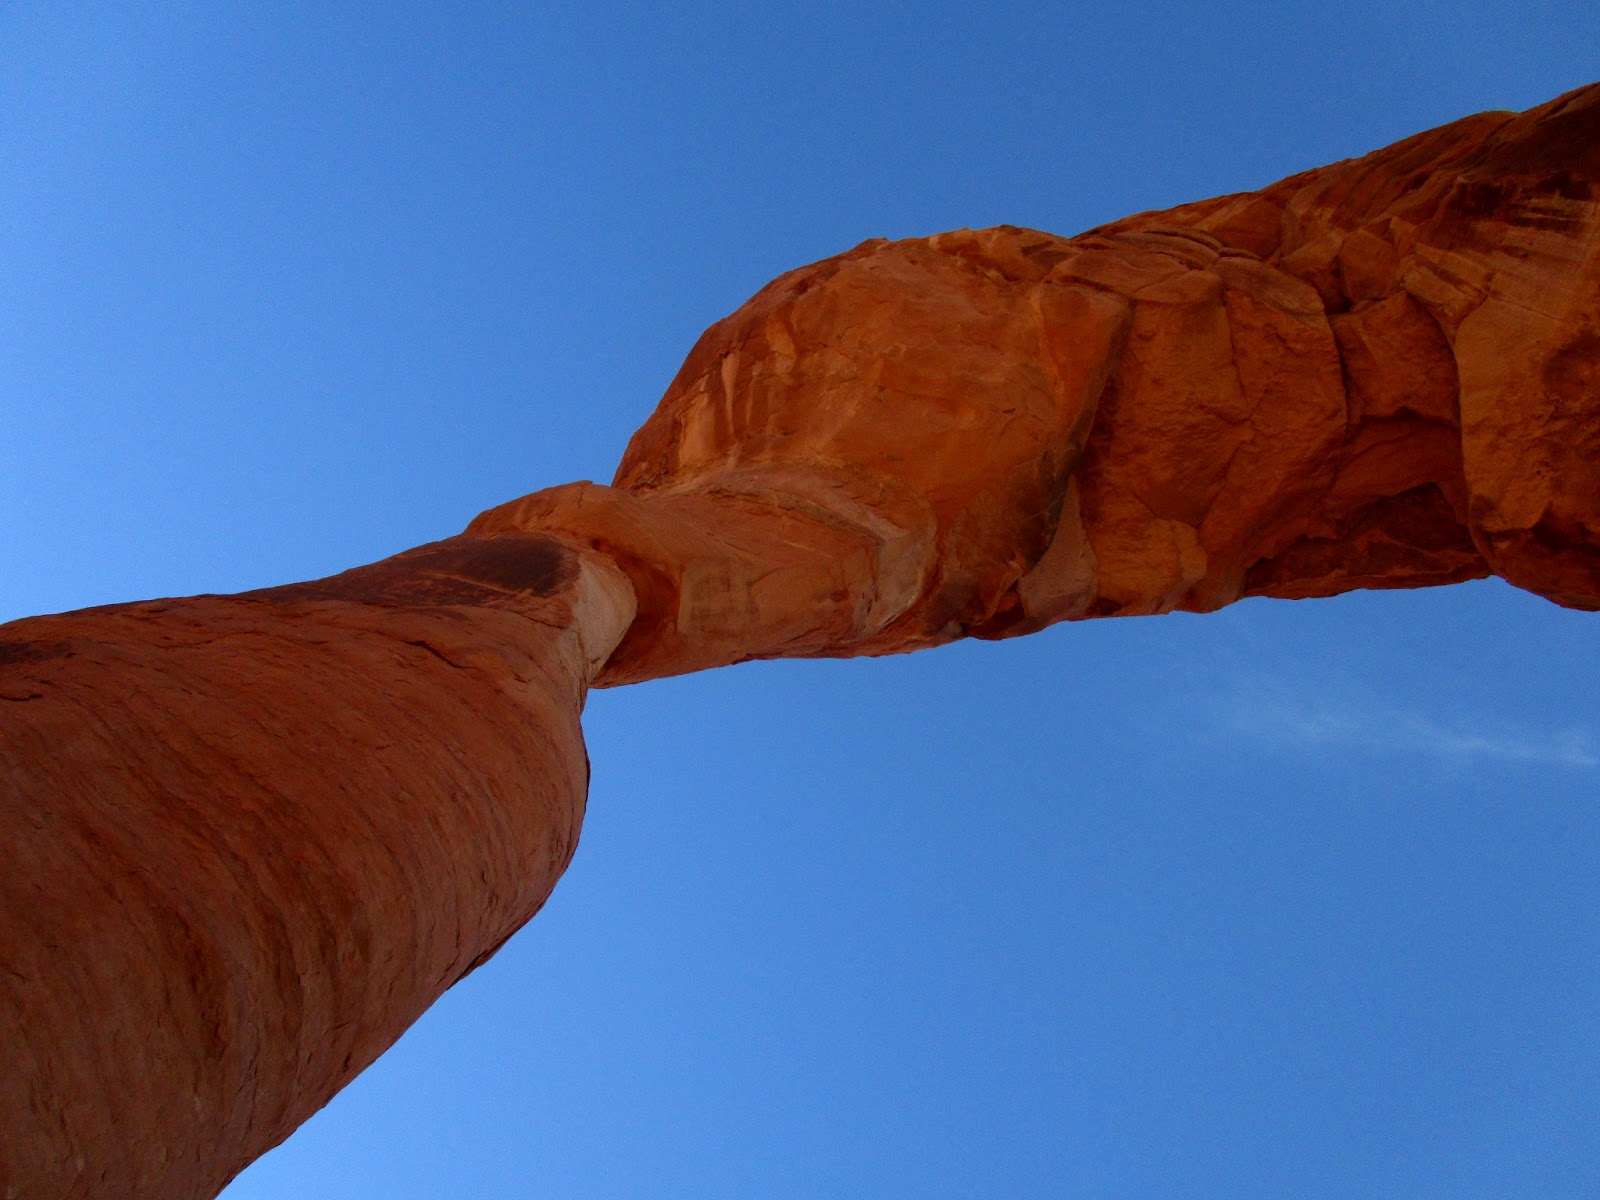 Изящная Арка. Национальный парк Арчес. Юта (Delicate Arch. Arches National Park. Utah)